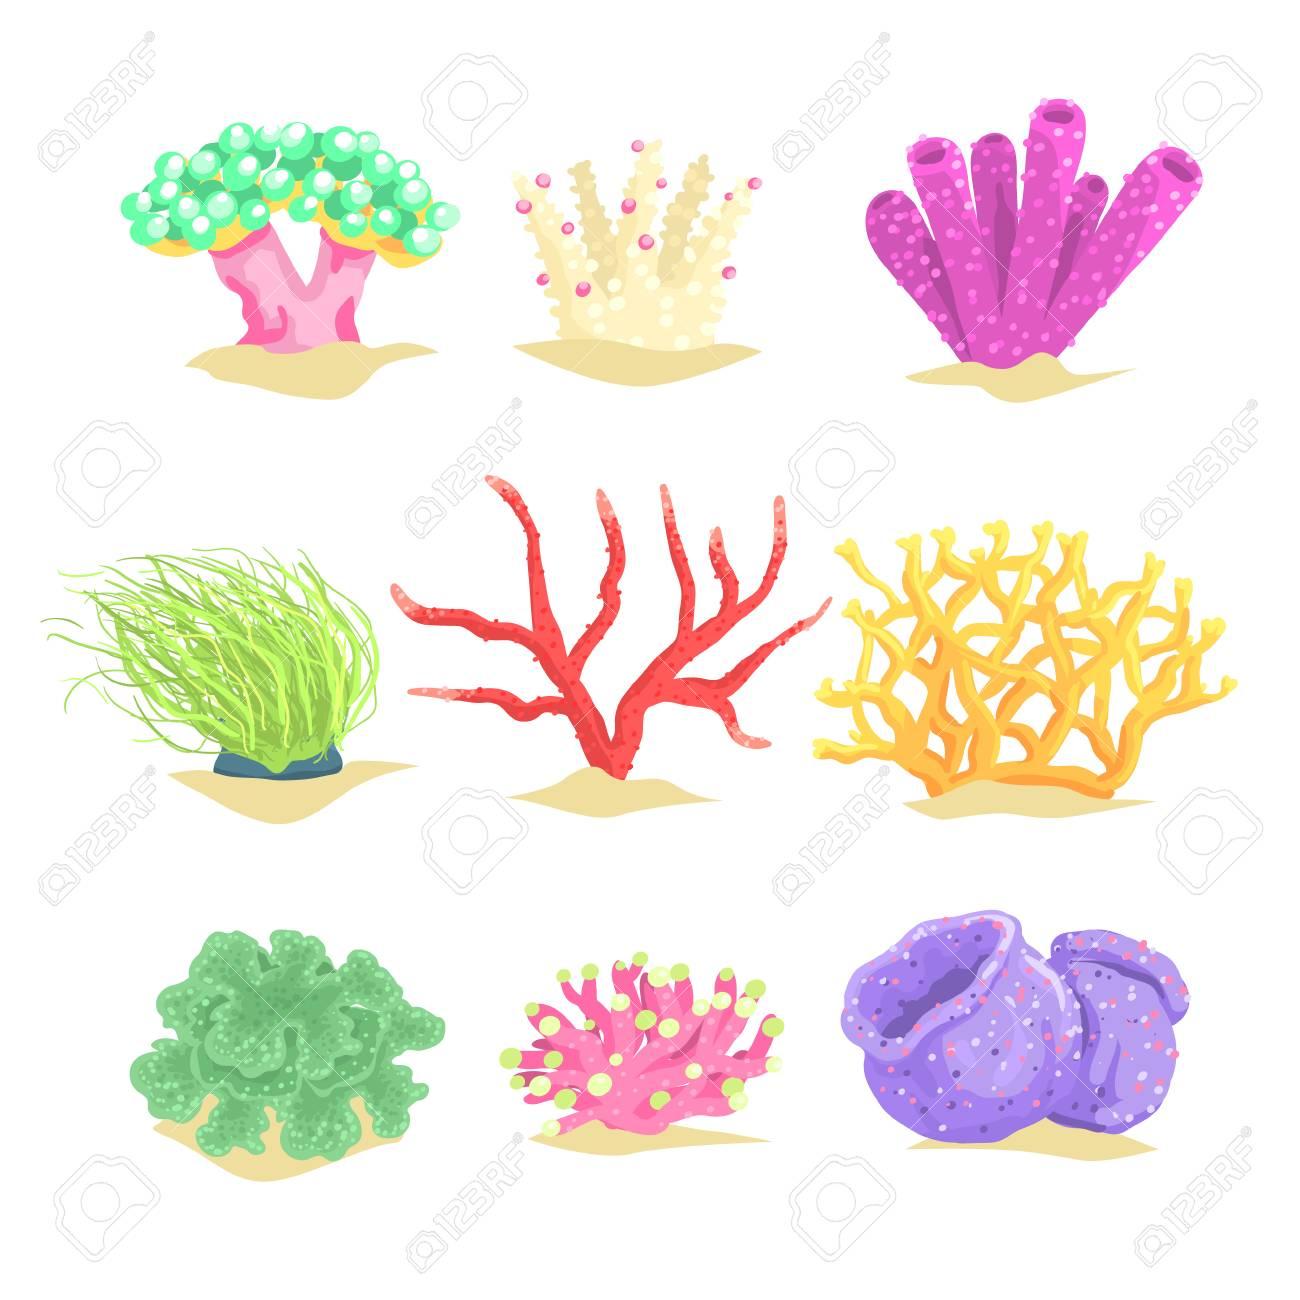 水中植物海藻や水生海藻ベクトル イラストのイラスト素材ベクタ